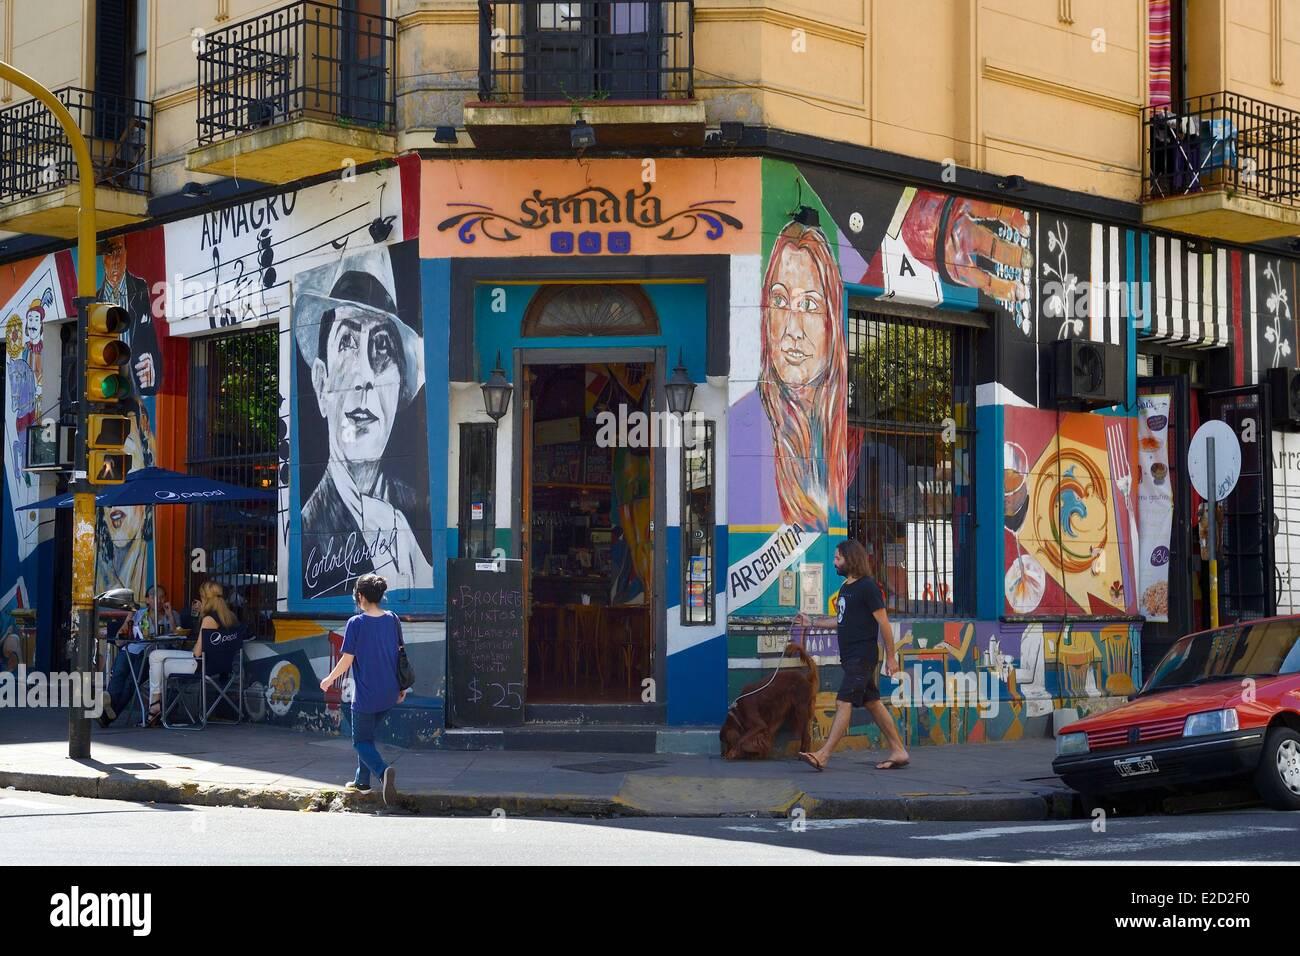 Argentinien Buenos Aires Sanata Bar (Restaurant und Musik) in Sarmiento Straße Wandbild zum Thema Tango und Stockbild